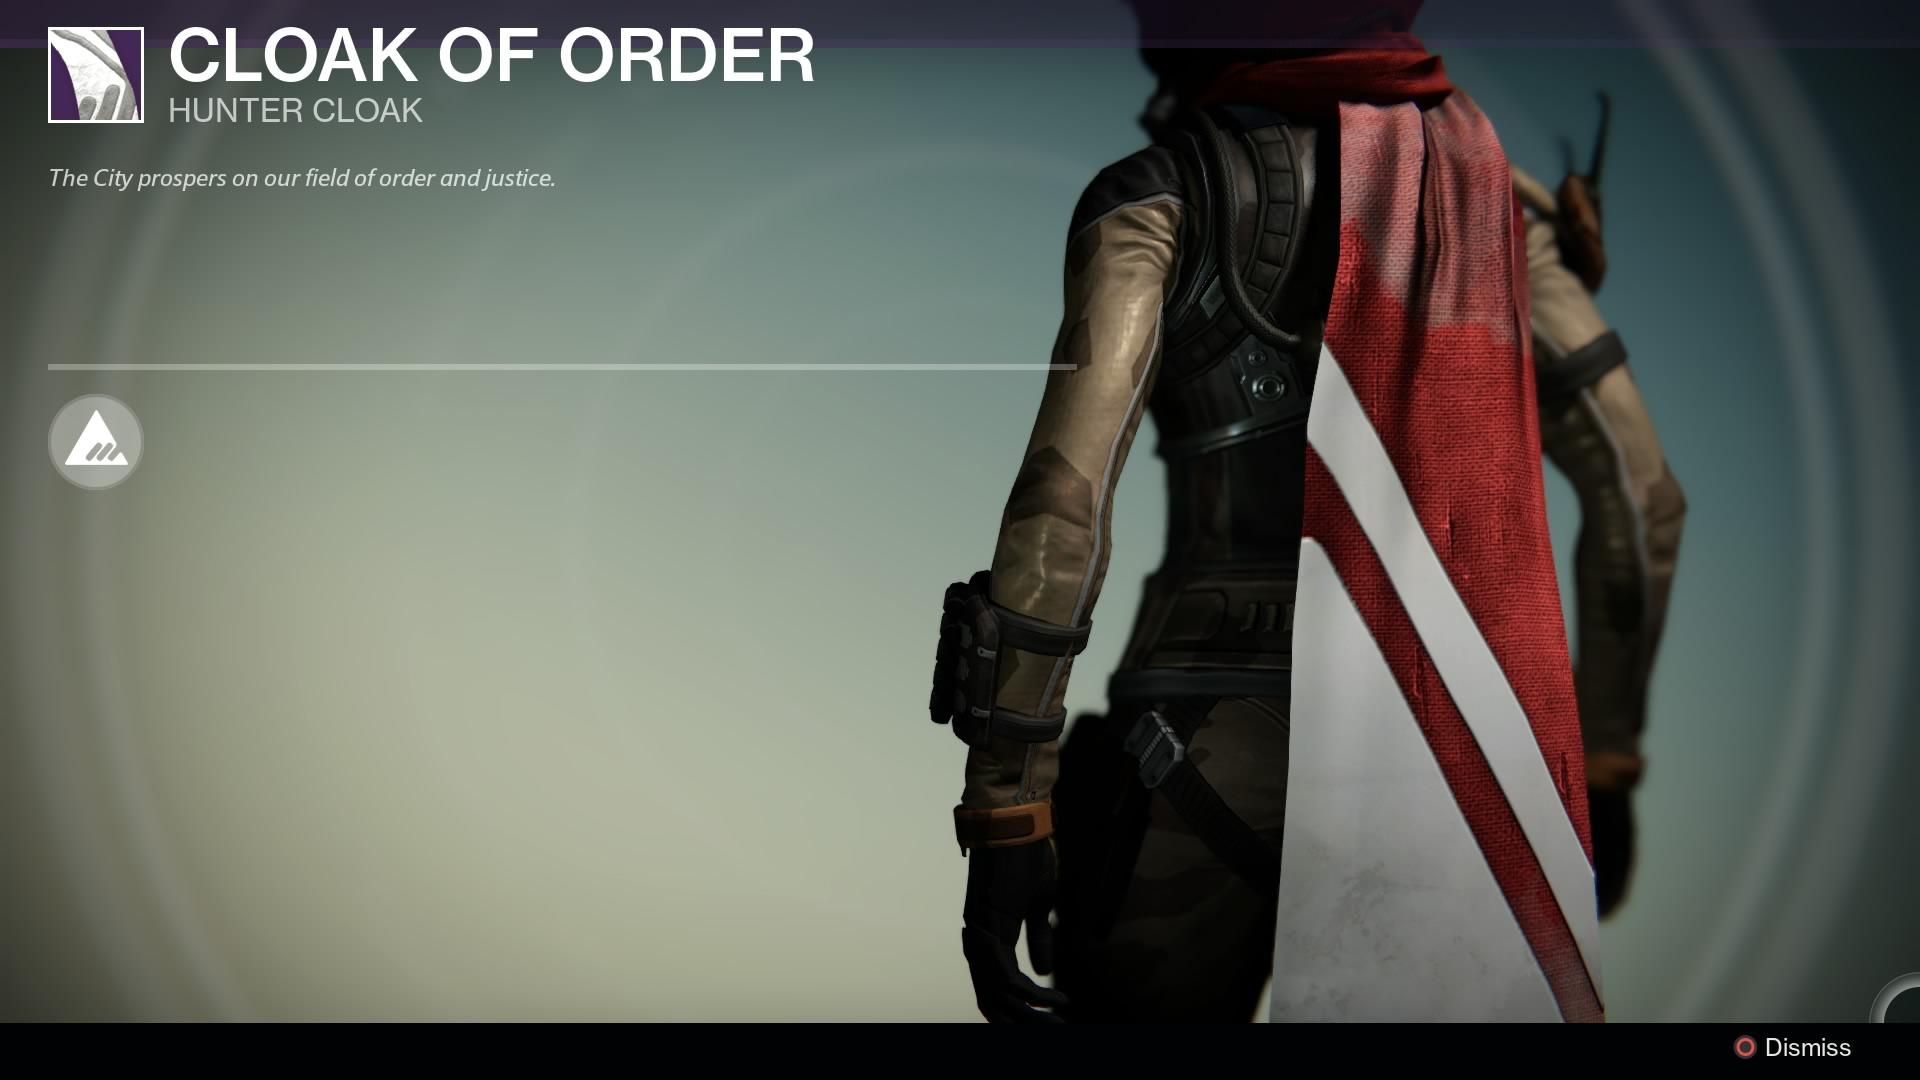 Cloak of Order